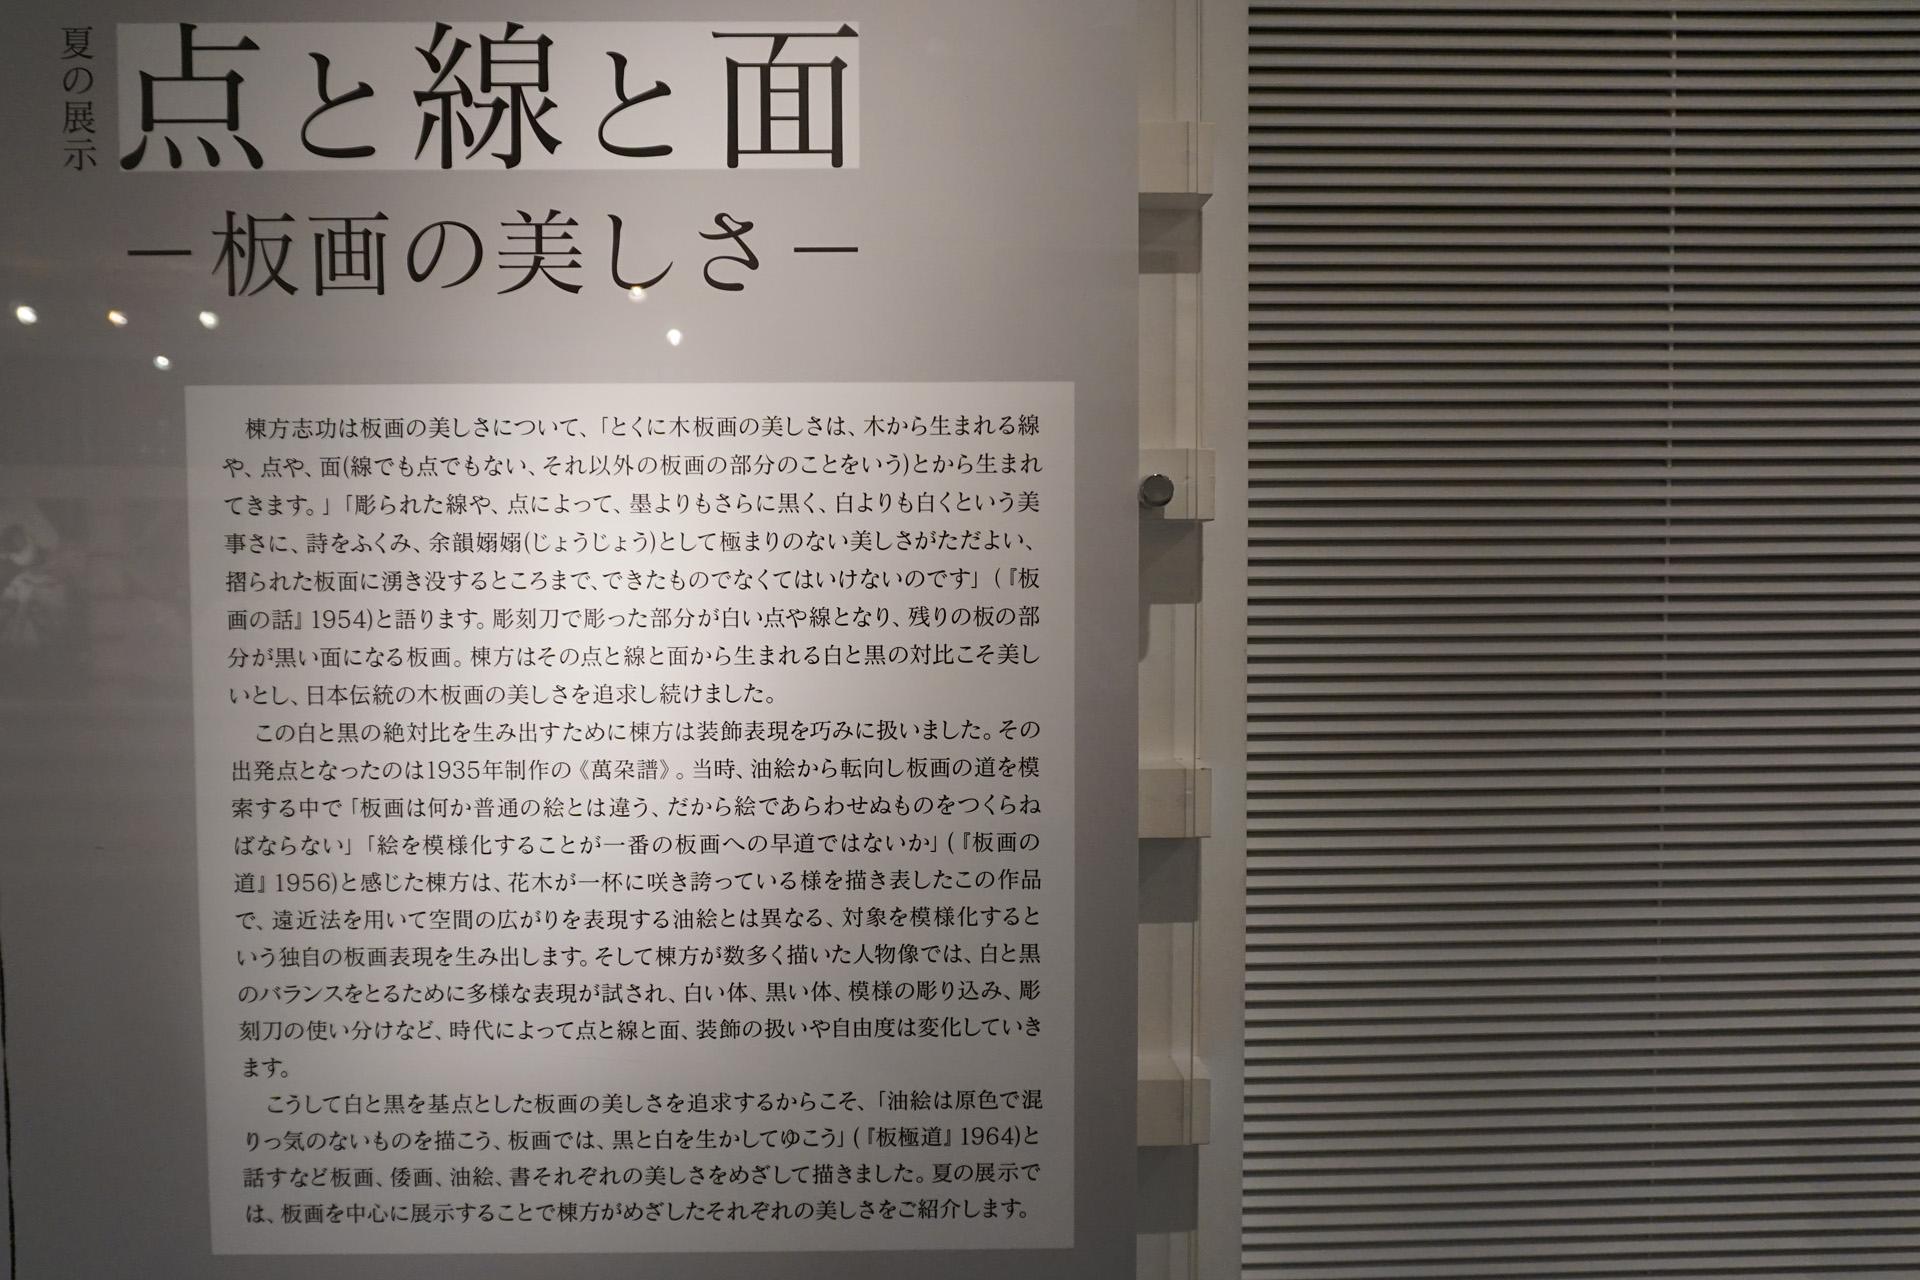 棟方志功記念館 青森県